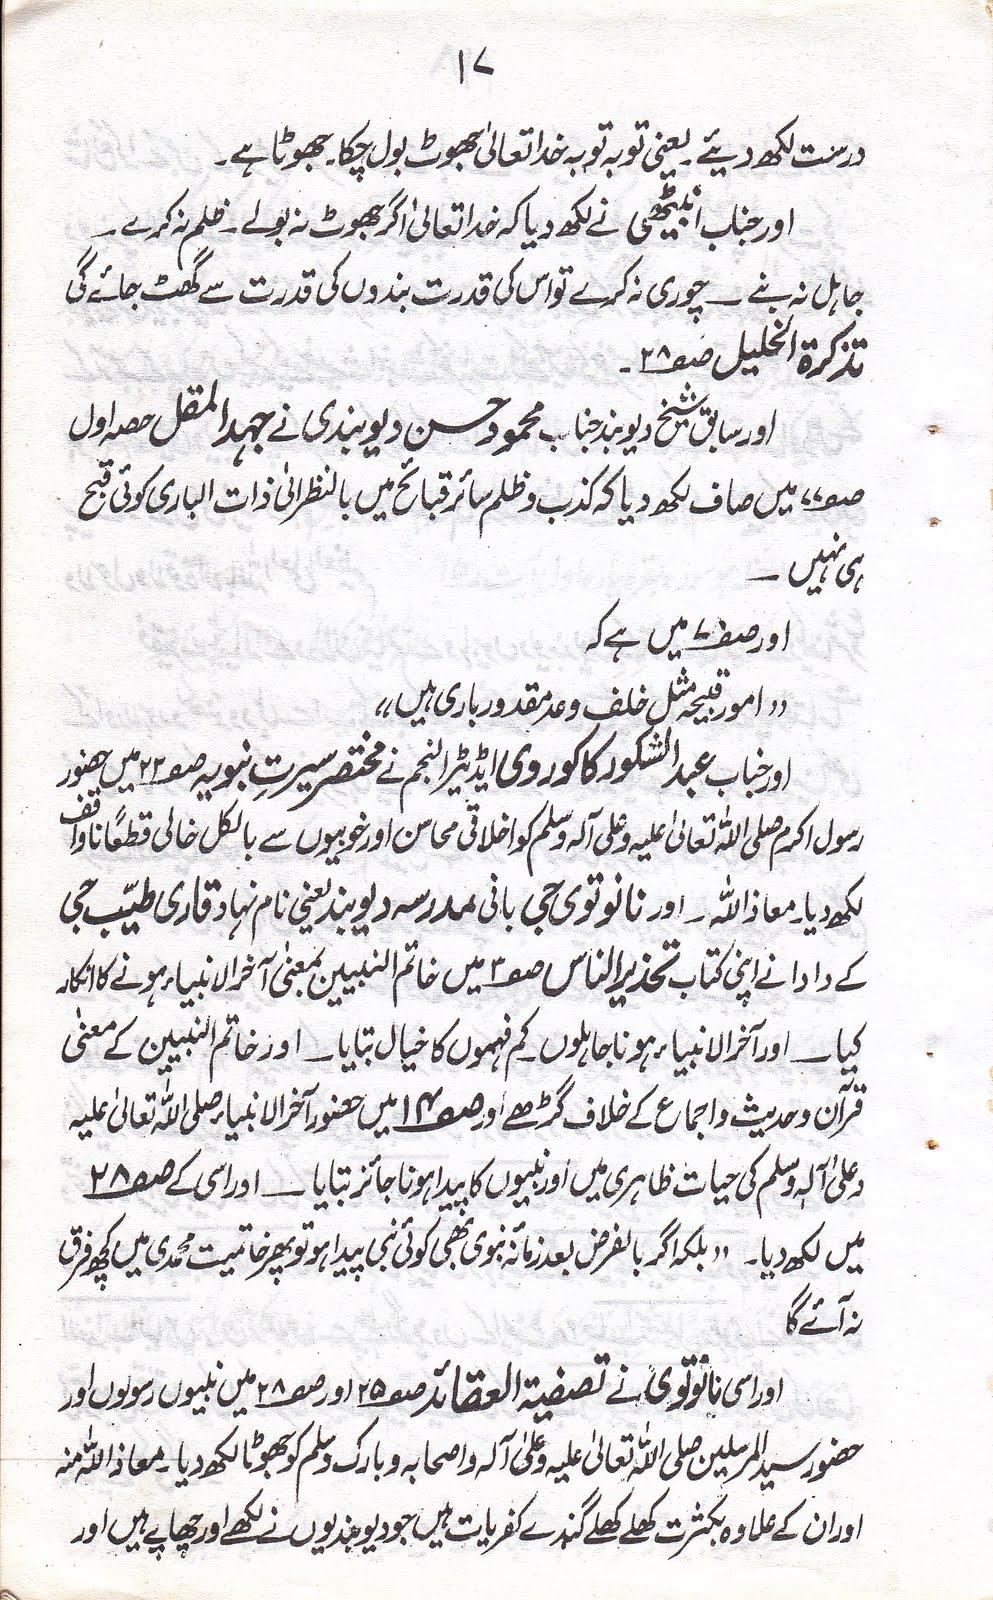 ISLAM 786 92 25: January 2011